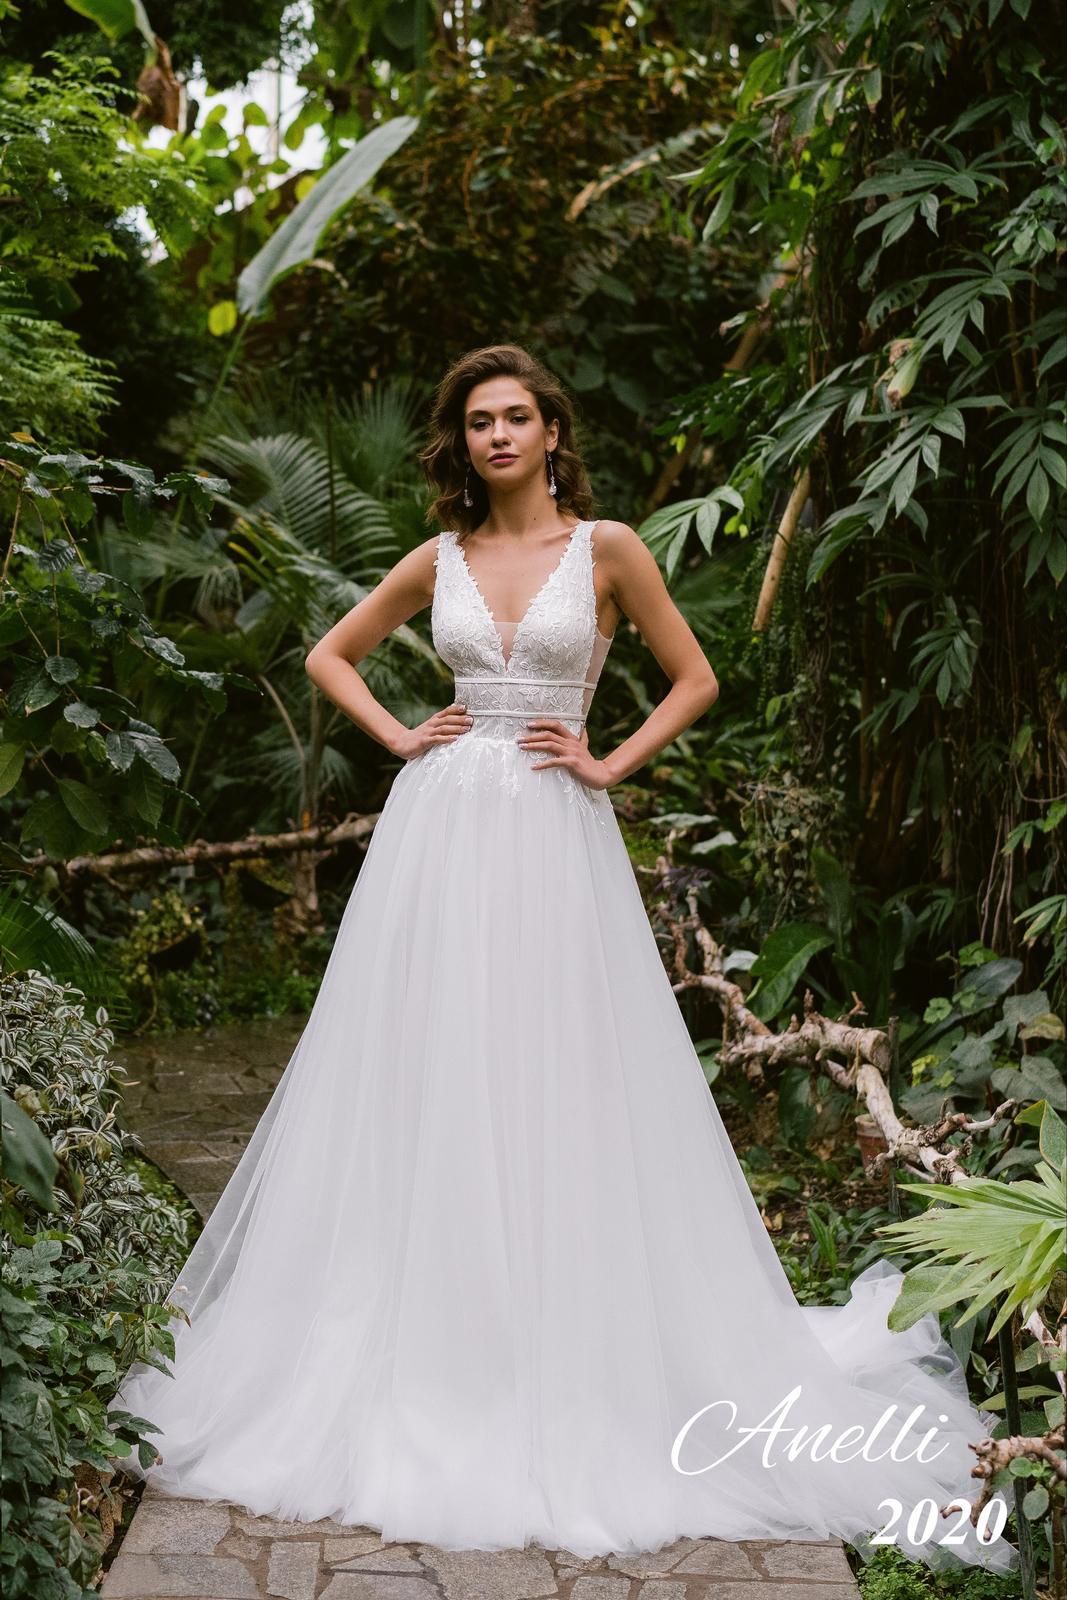 Svadobné šaty - Breeze 2020 - Obrázok č. 2